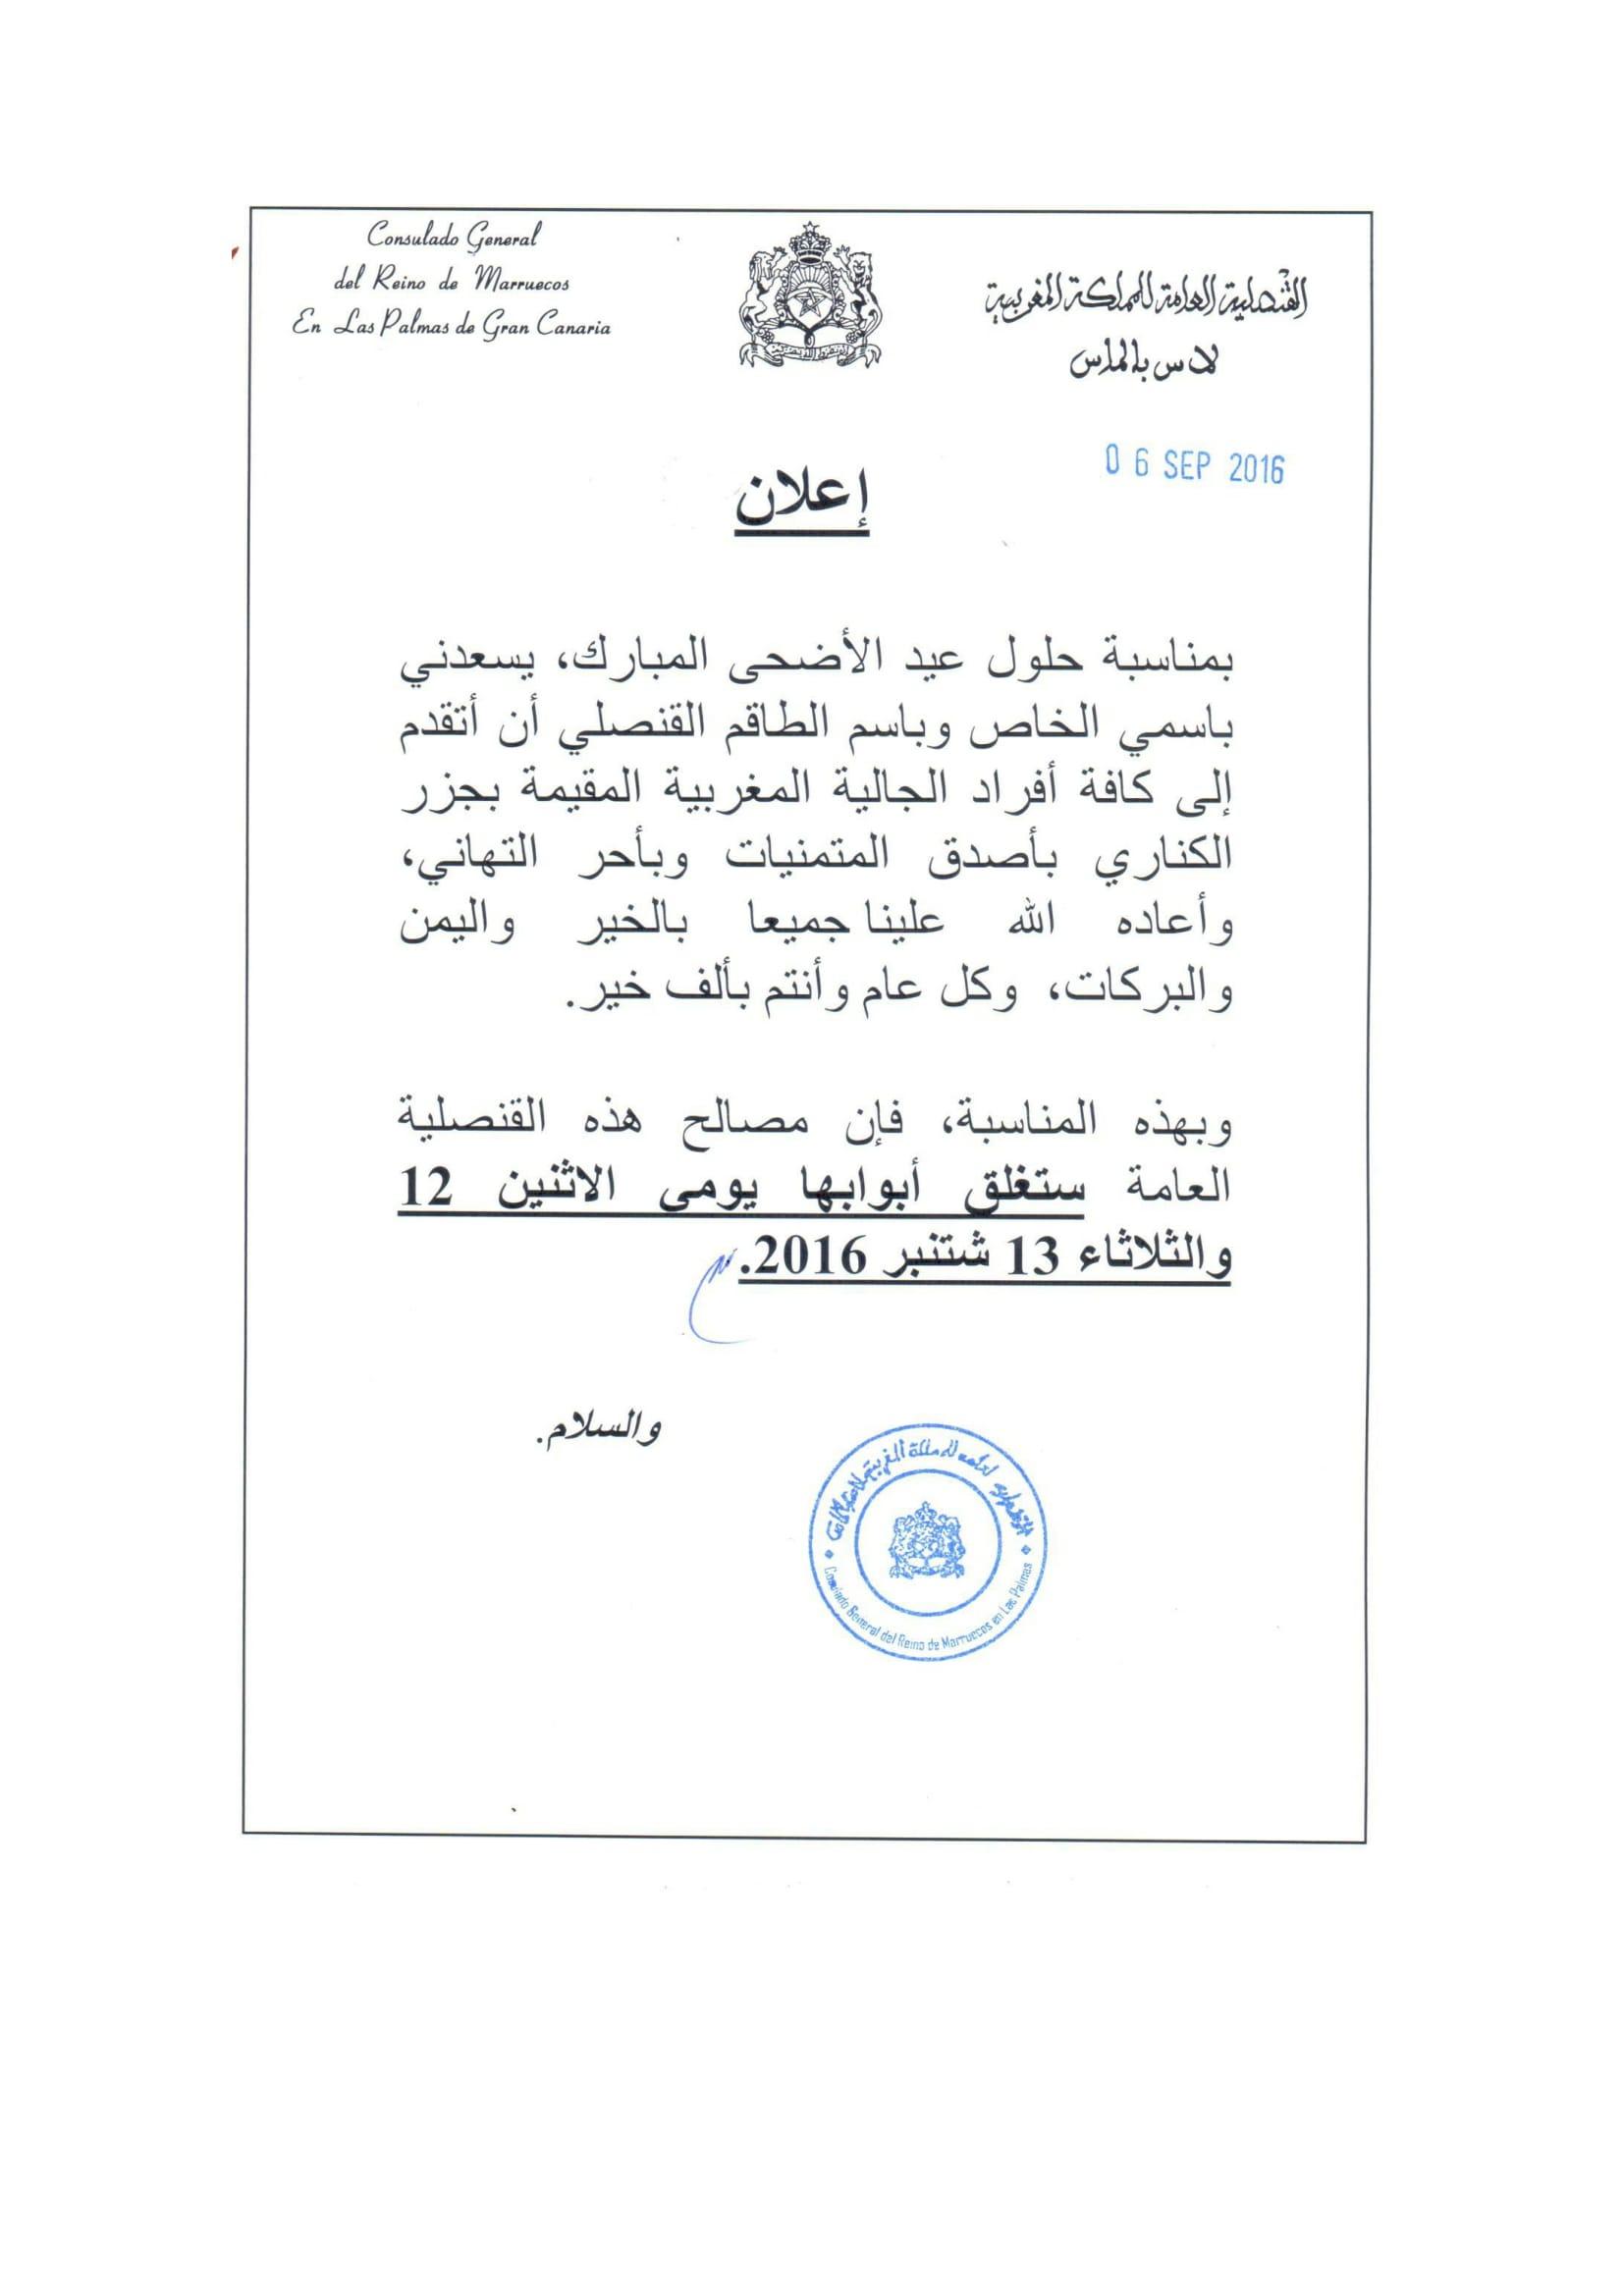 صورة القنصلية المغربية بلاس بالماس تغلق أبوابها يومي الإثنين 12 والثلاثاء 13شتنبر 2016 بمناسبة عيد الأضحى المبارك